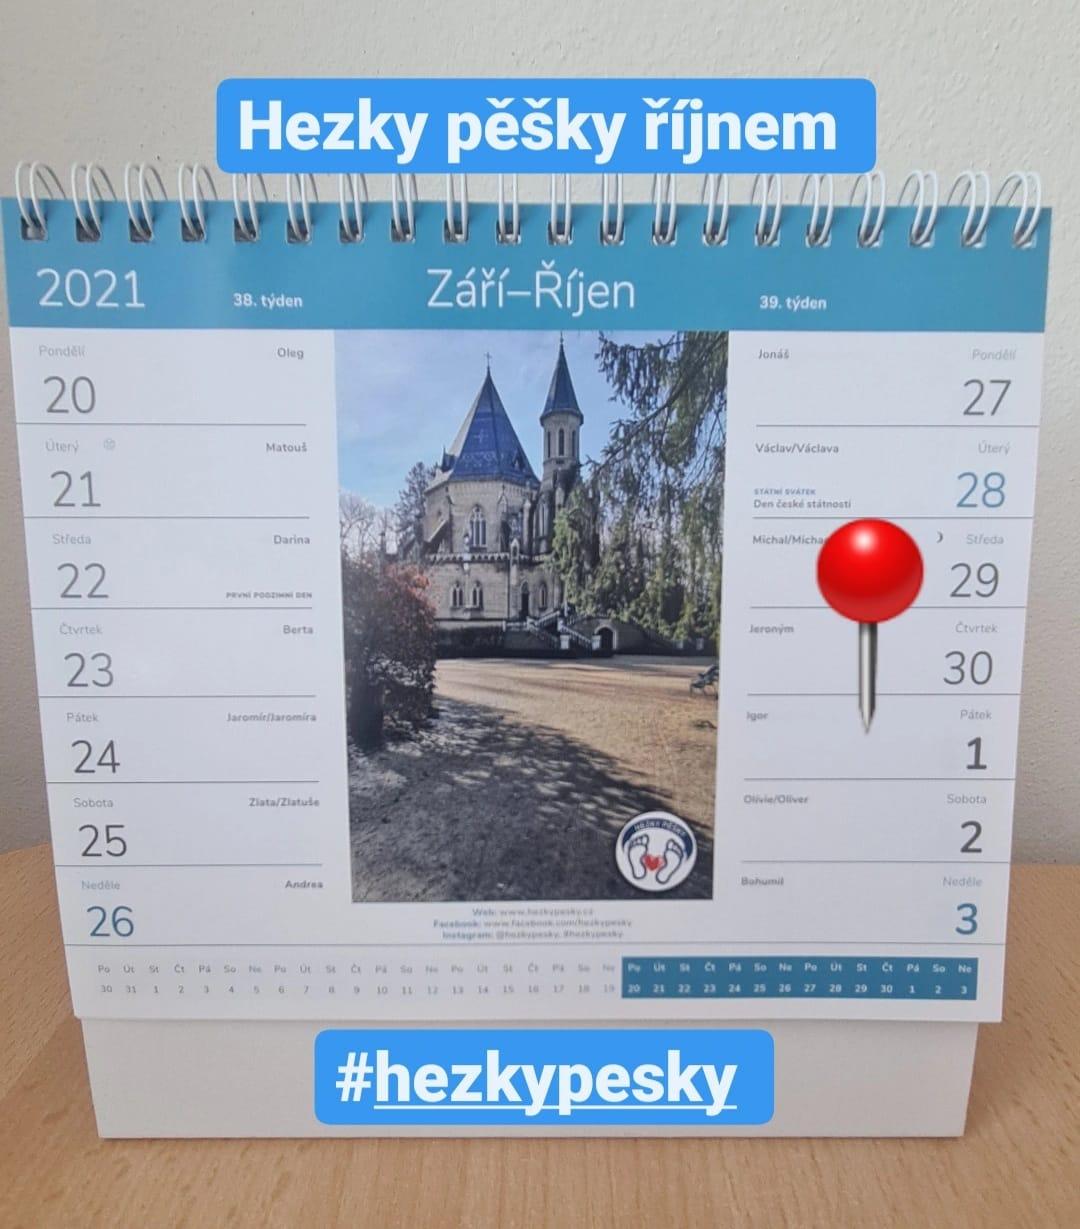 hezky_pesky_rijnem